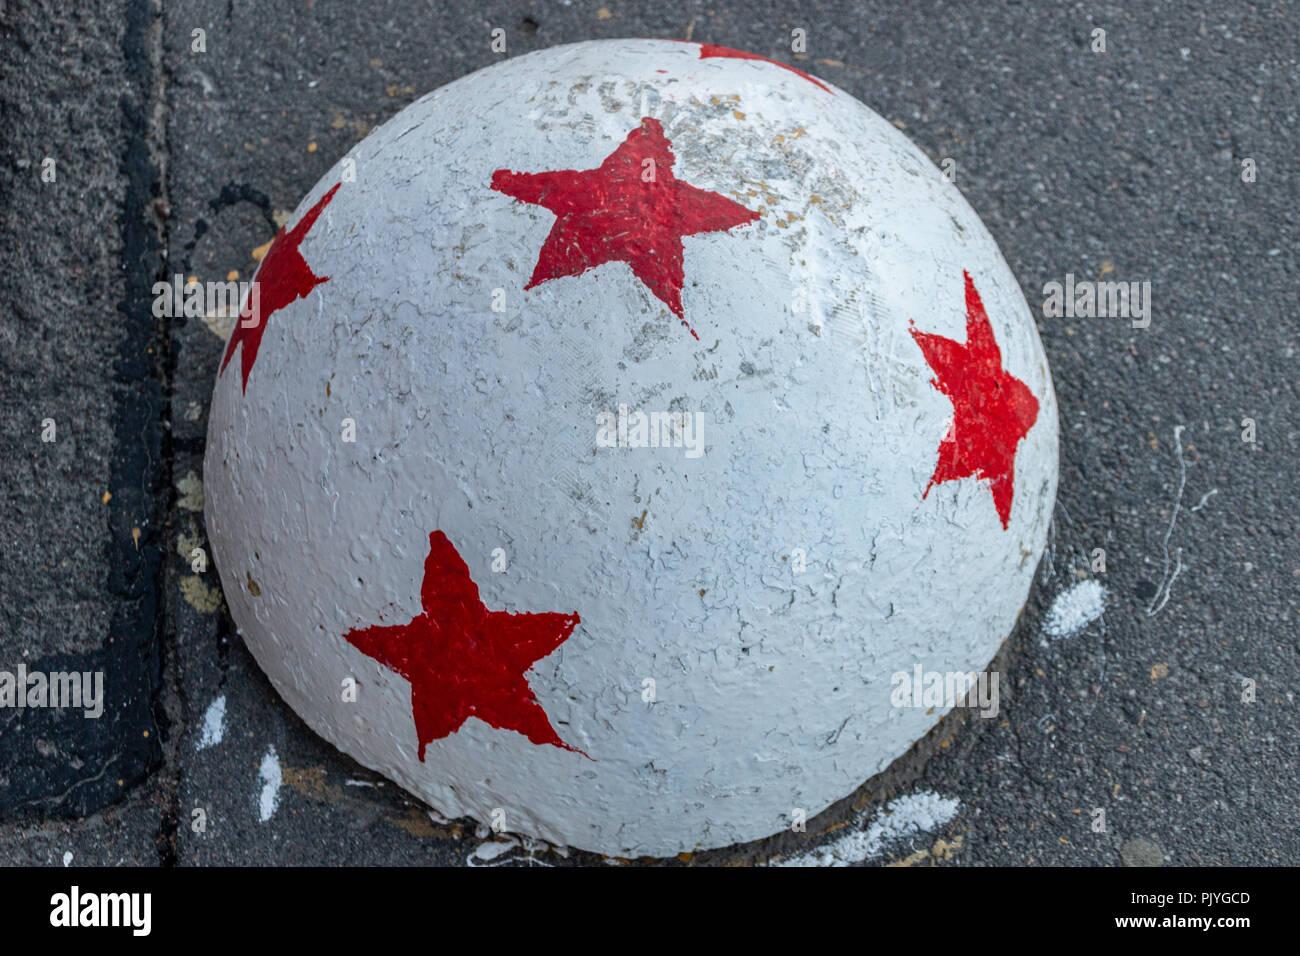 Fencing on asphalt with asterisks - Stock Image